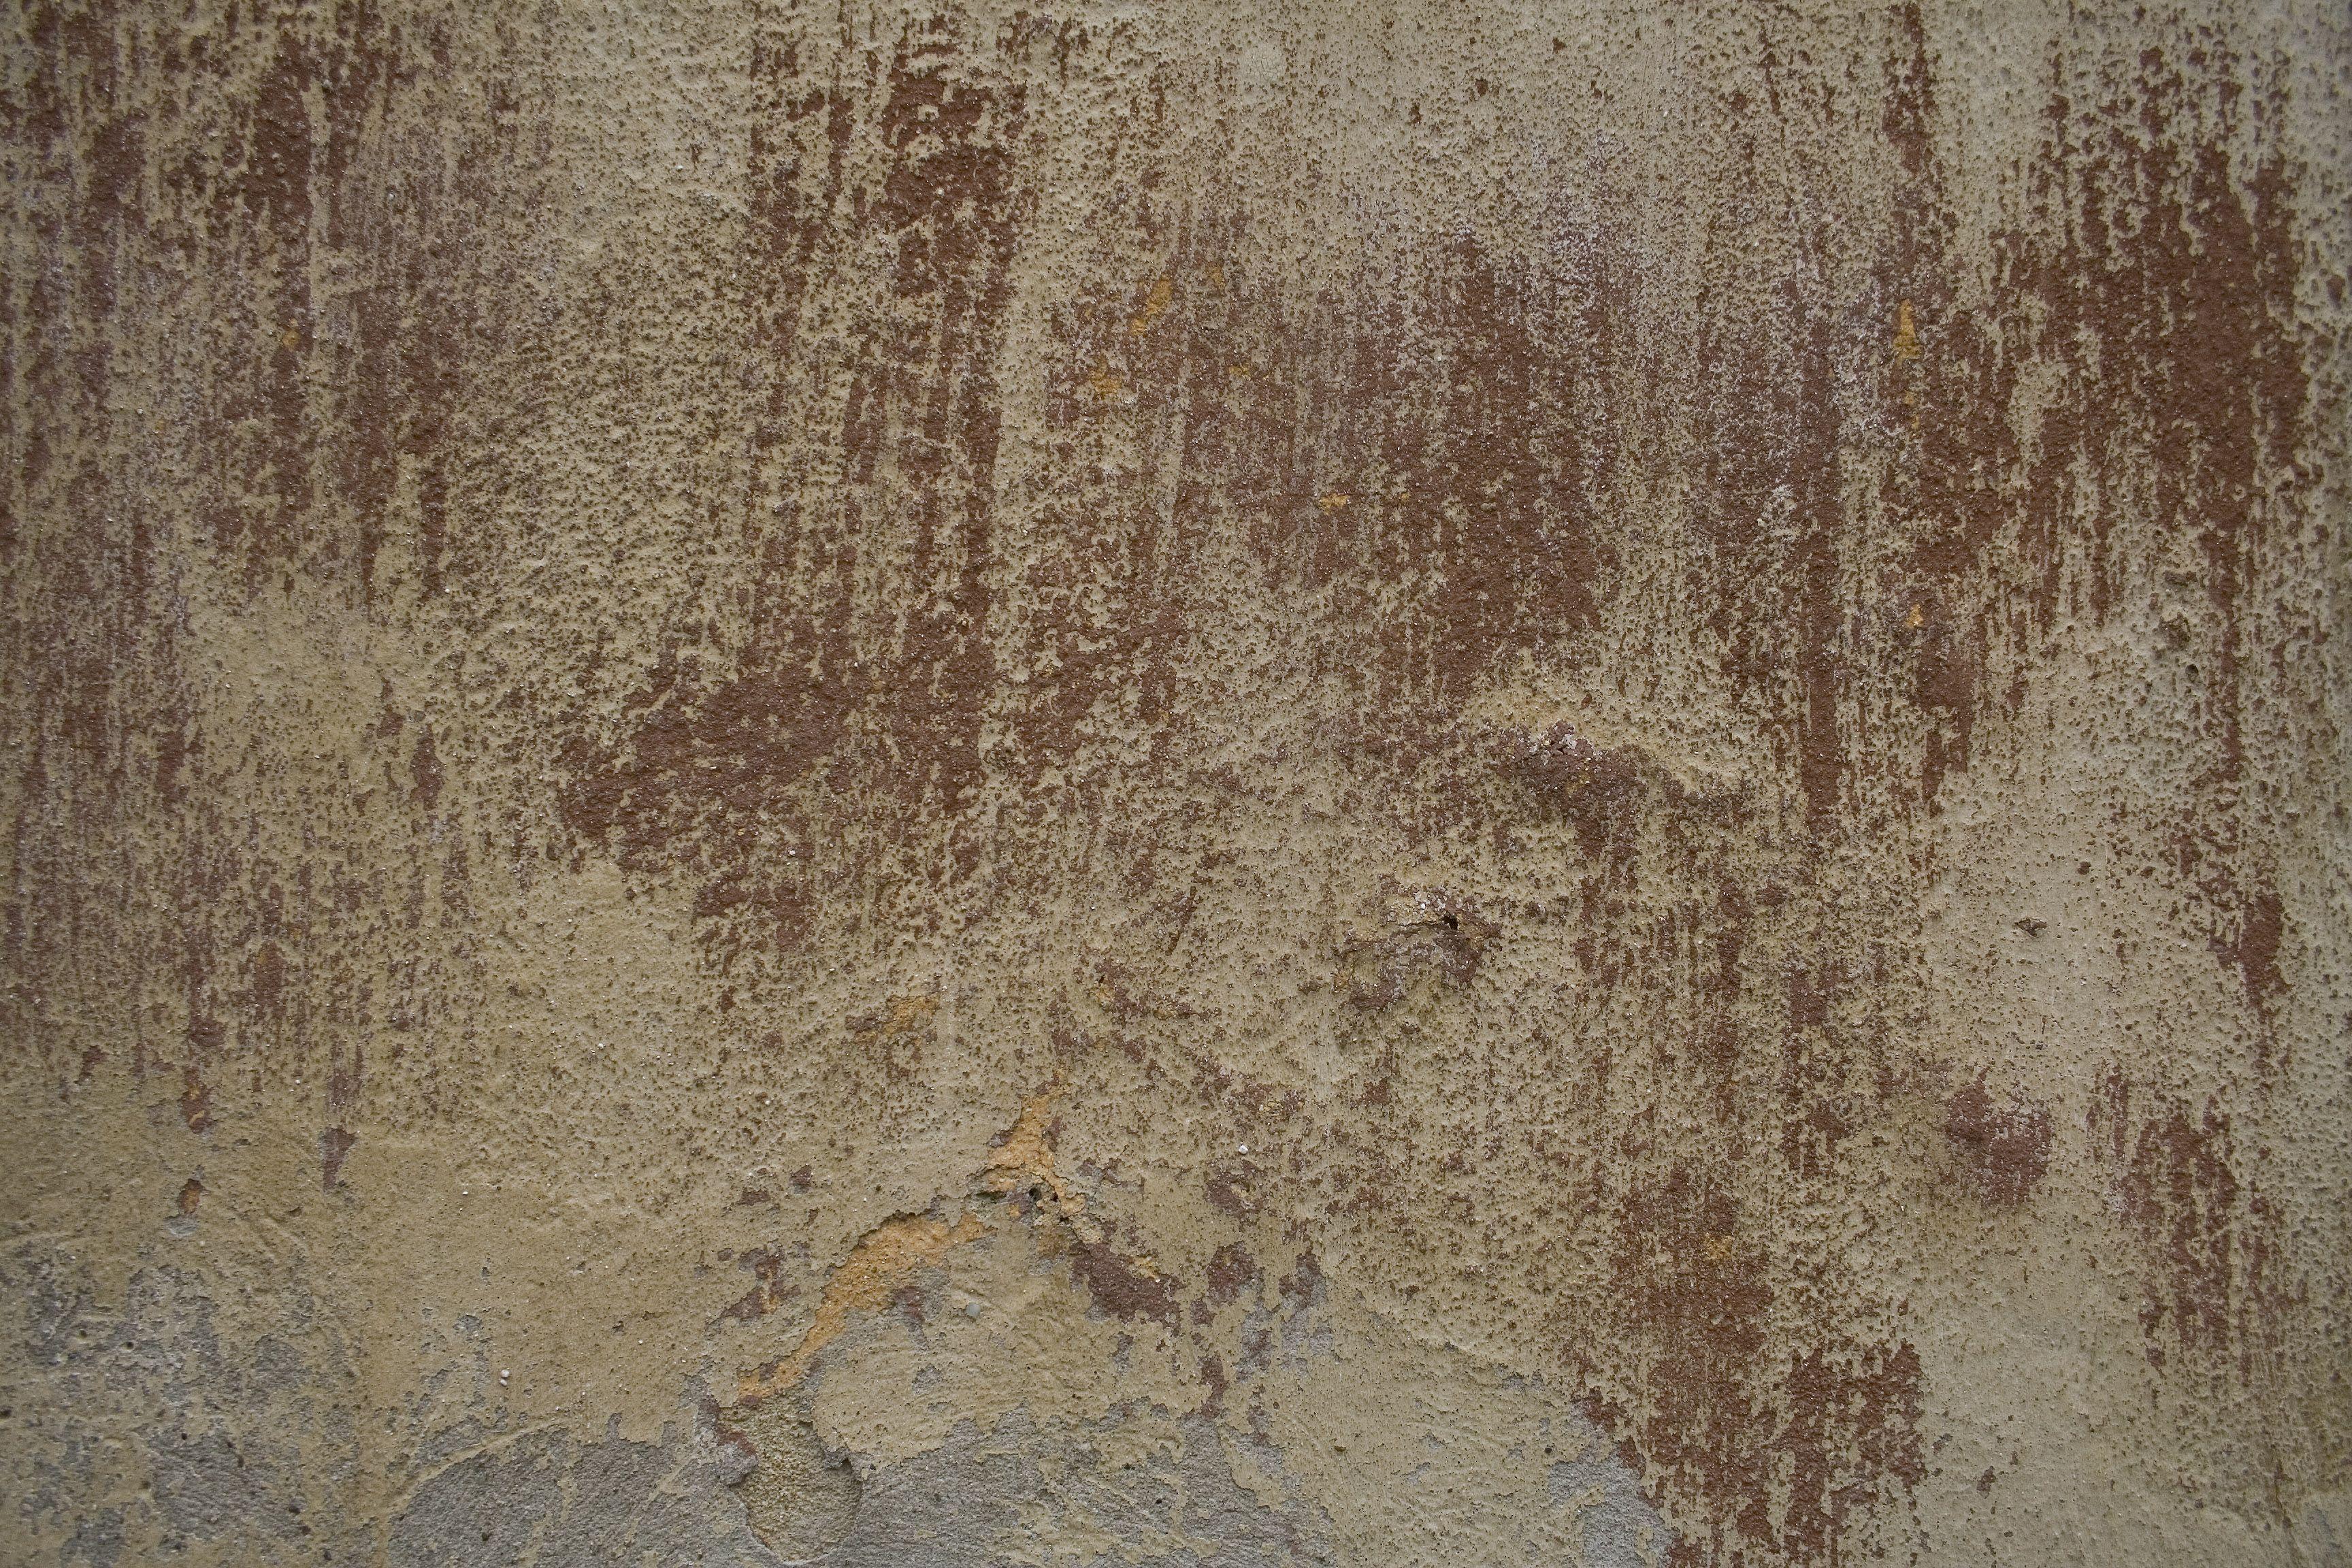 old wall recherche google materials texture concrete texture